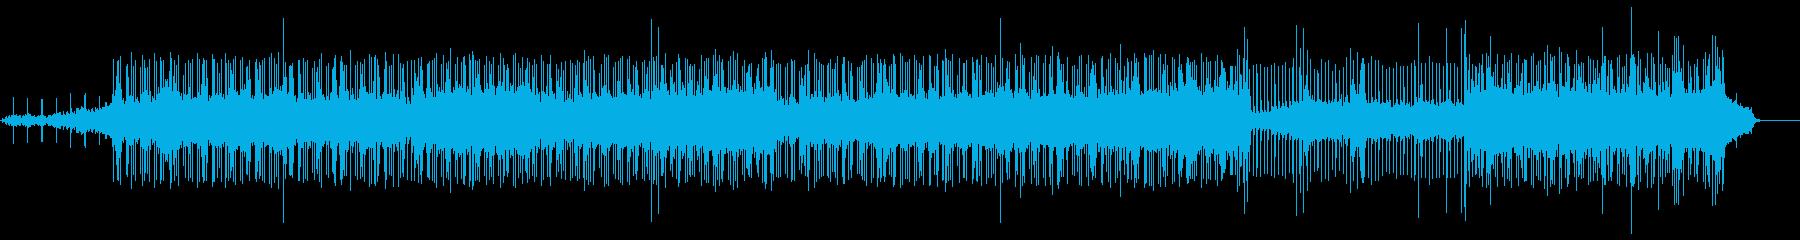 [冬] ジングルベル(クリスマスソング)の再生済みの波形